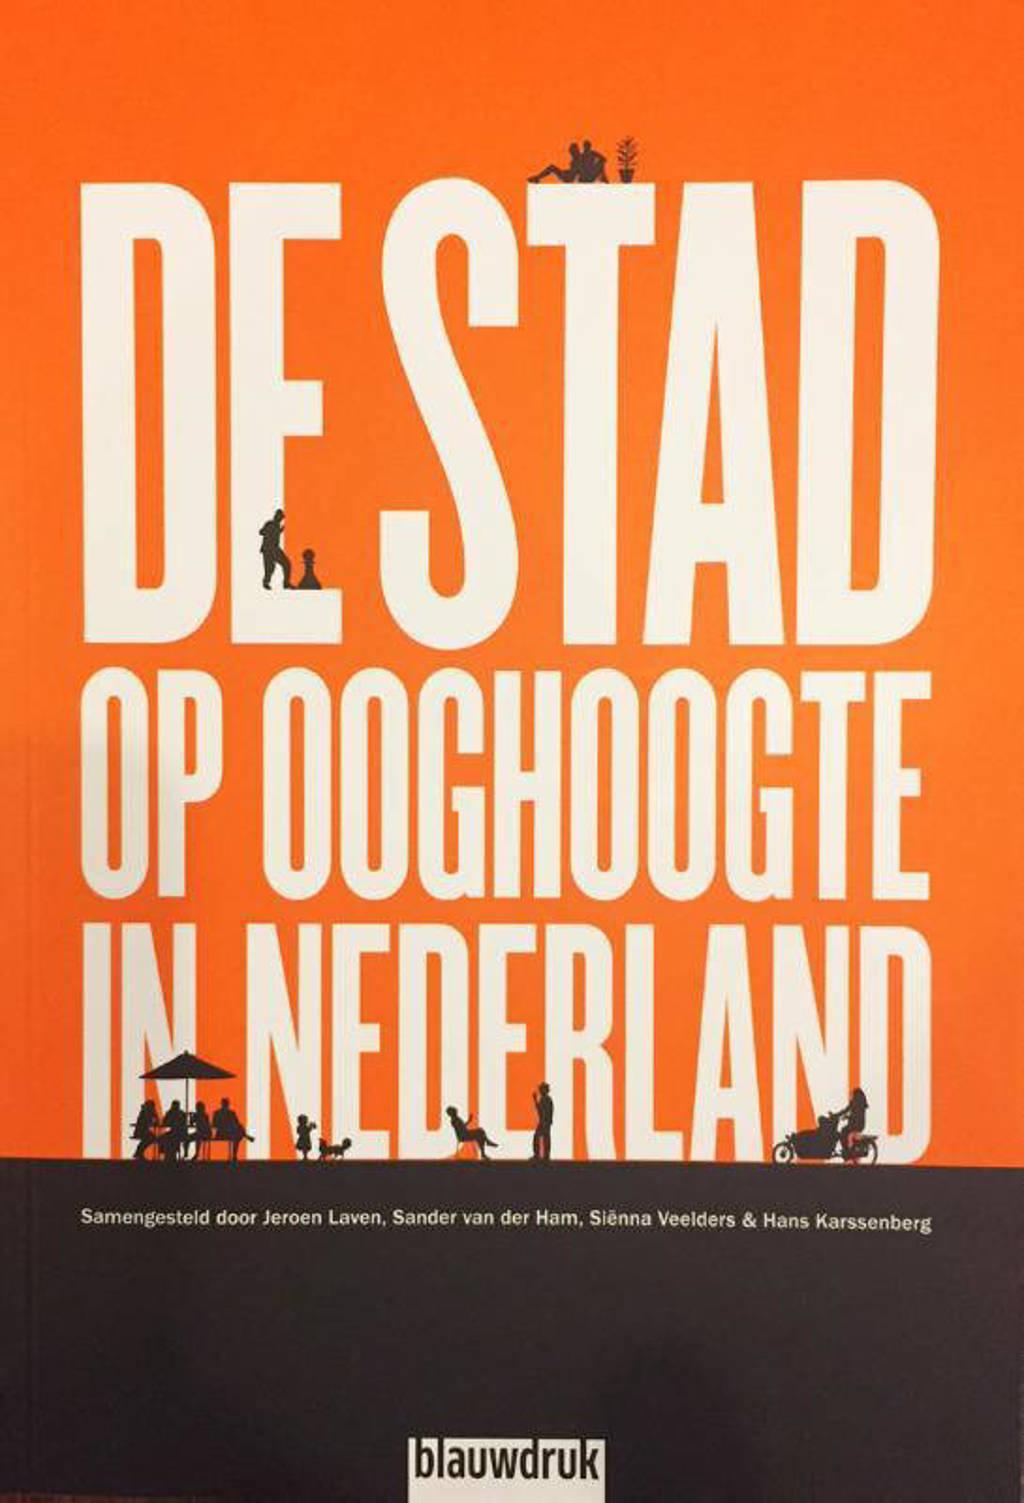 De stad op ooghoogte in Nederland - Jeroen Laven, Sander van der Ham, Sienna Veelders, e.a.